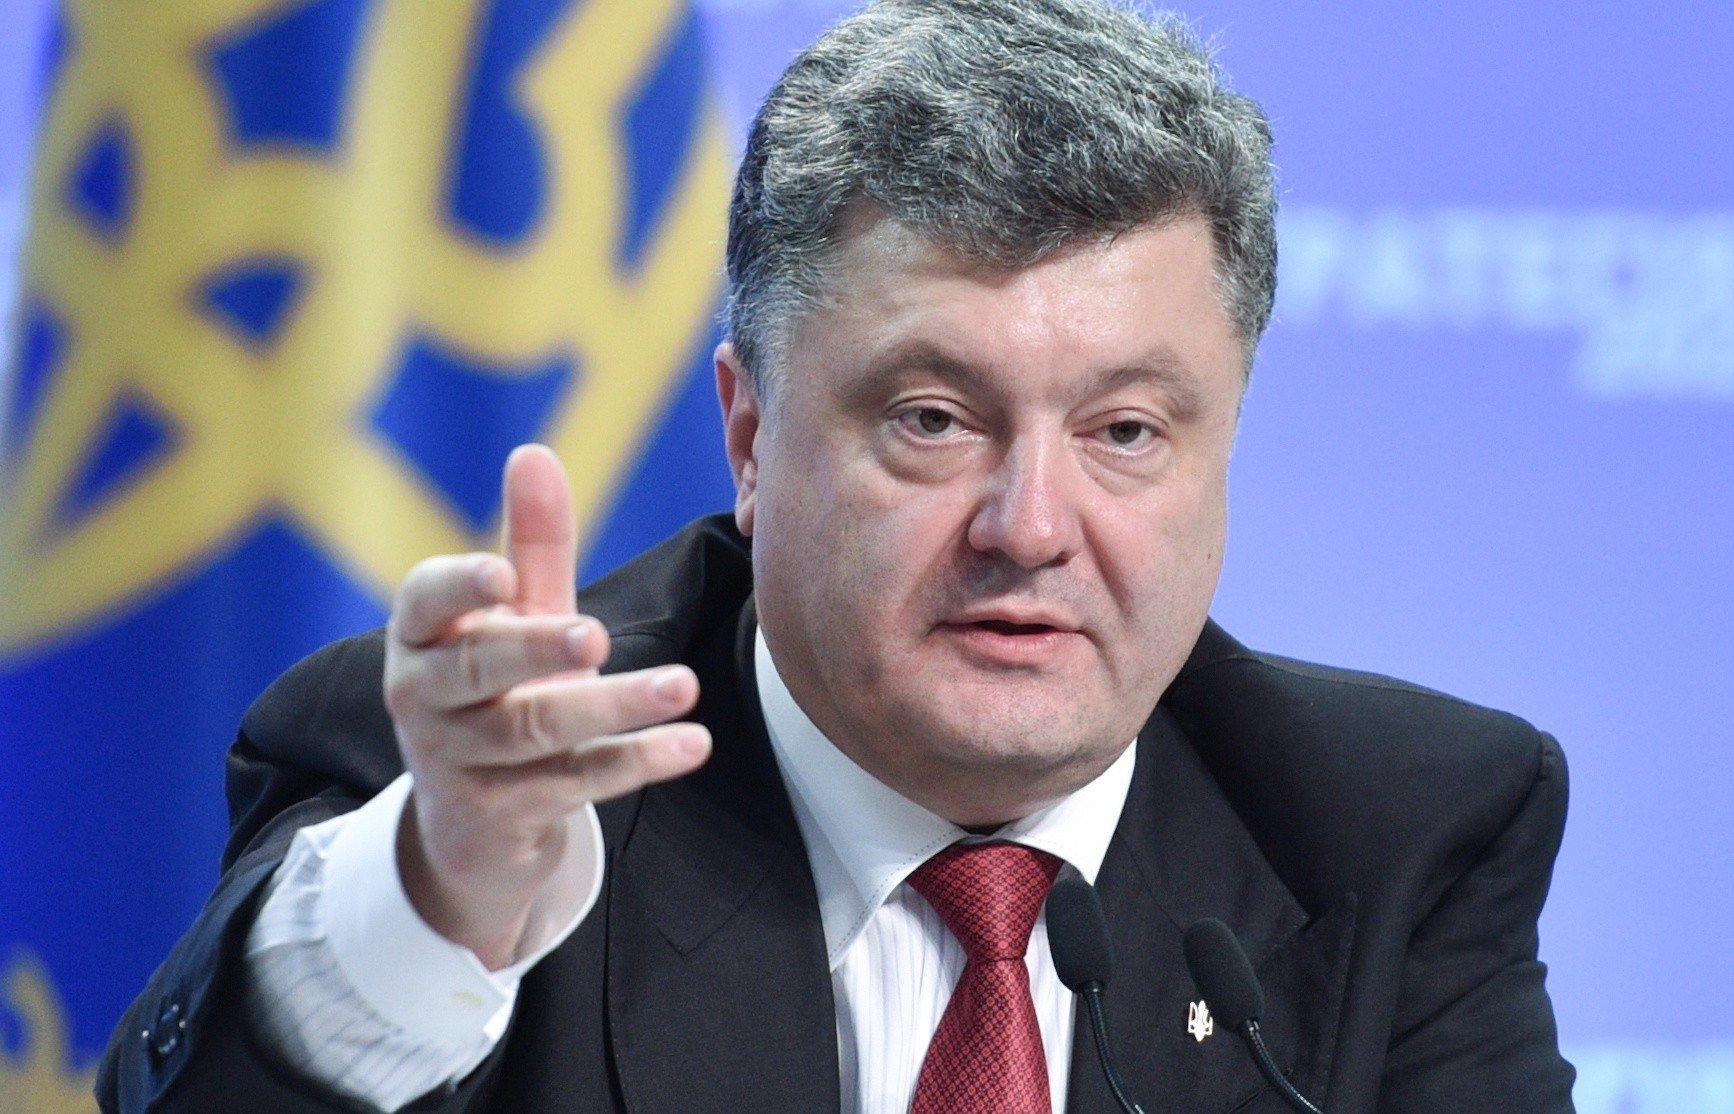 НАТО и Украина обсудили появление миссии ООН в Донбассе